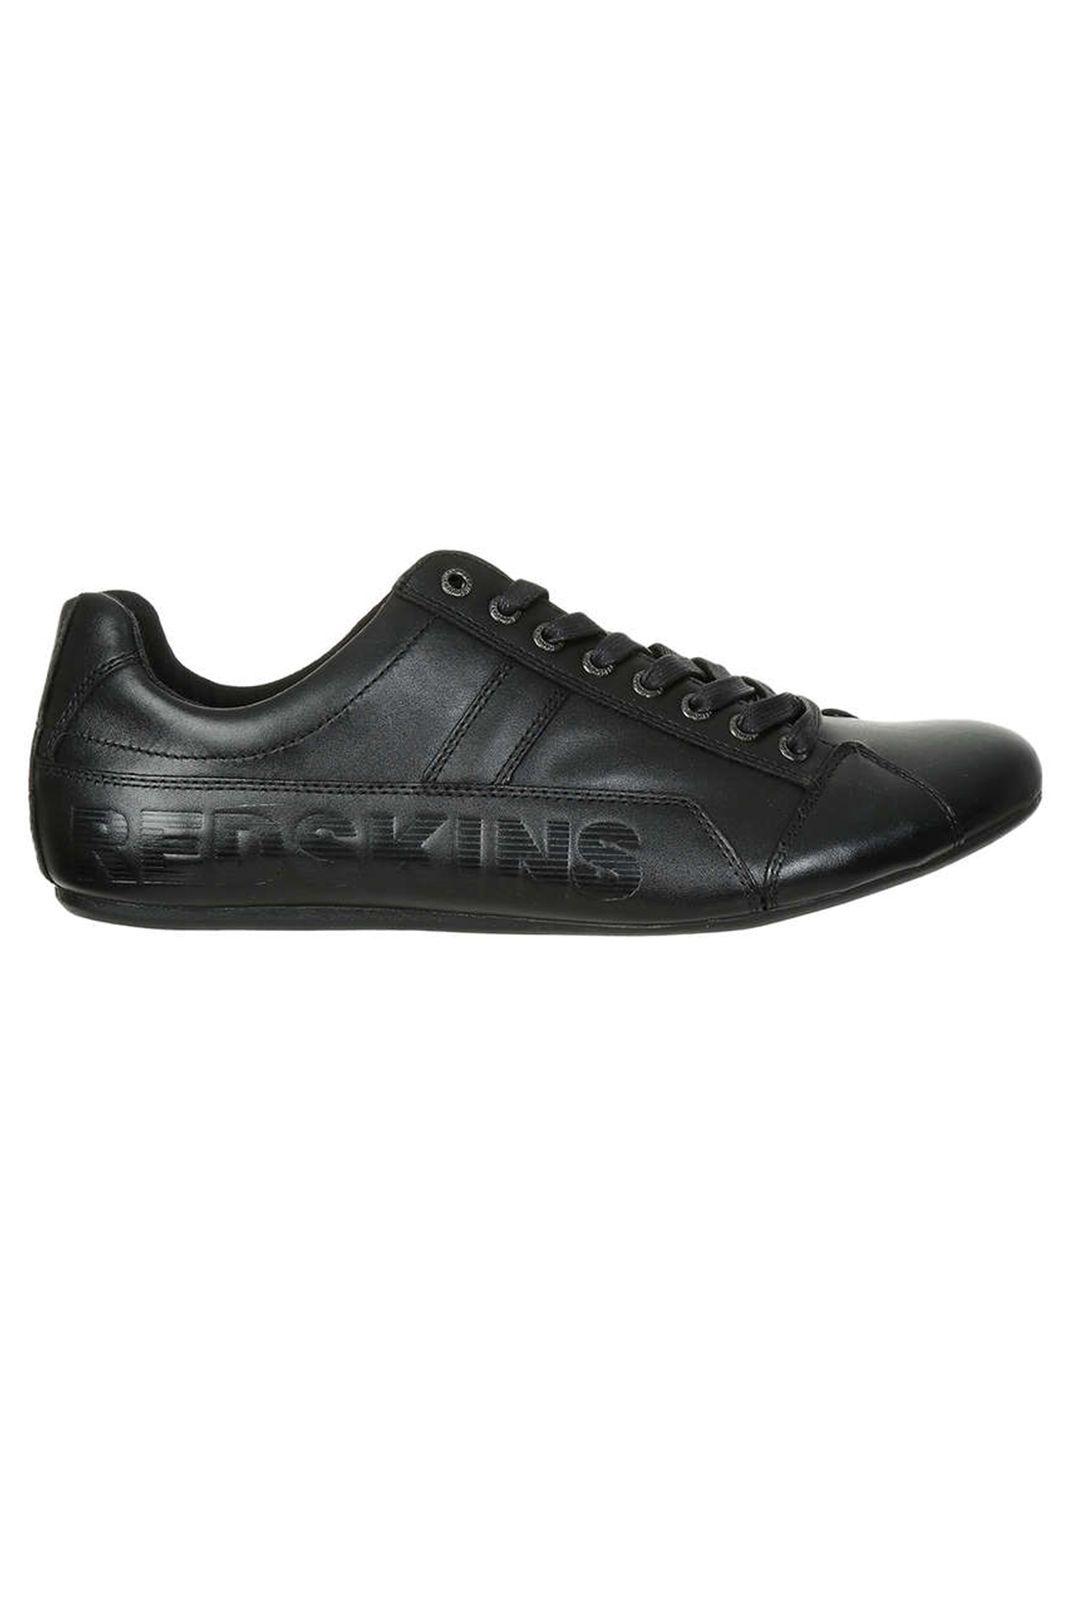 Commandez vos chaussures et vêtements sur notre boutique de